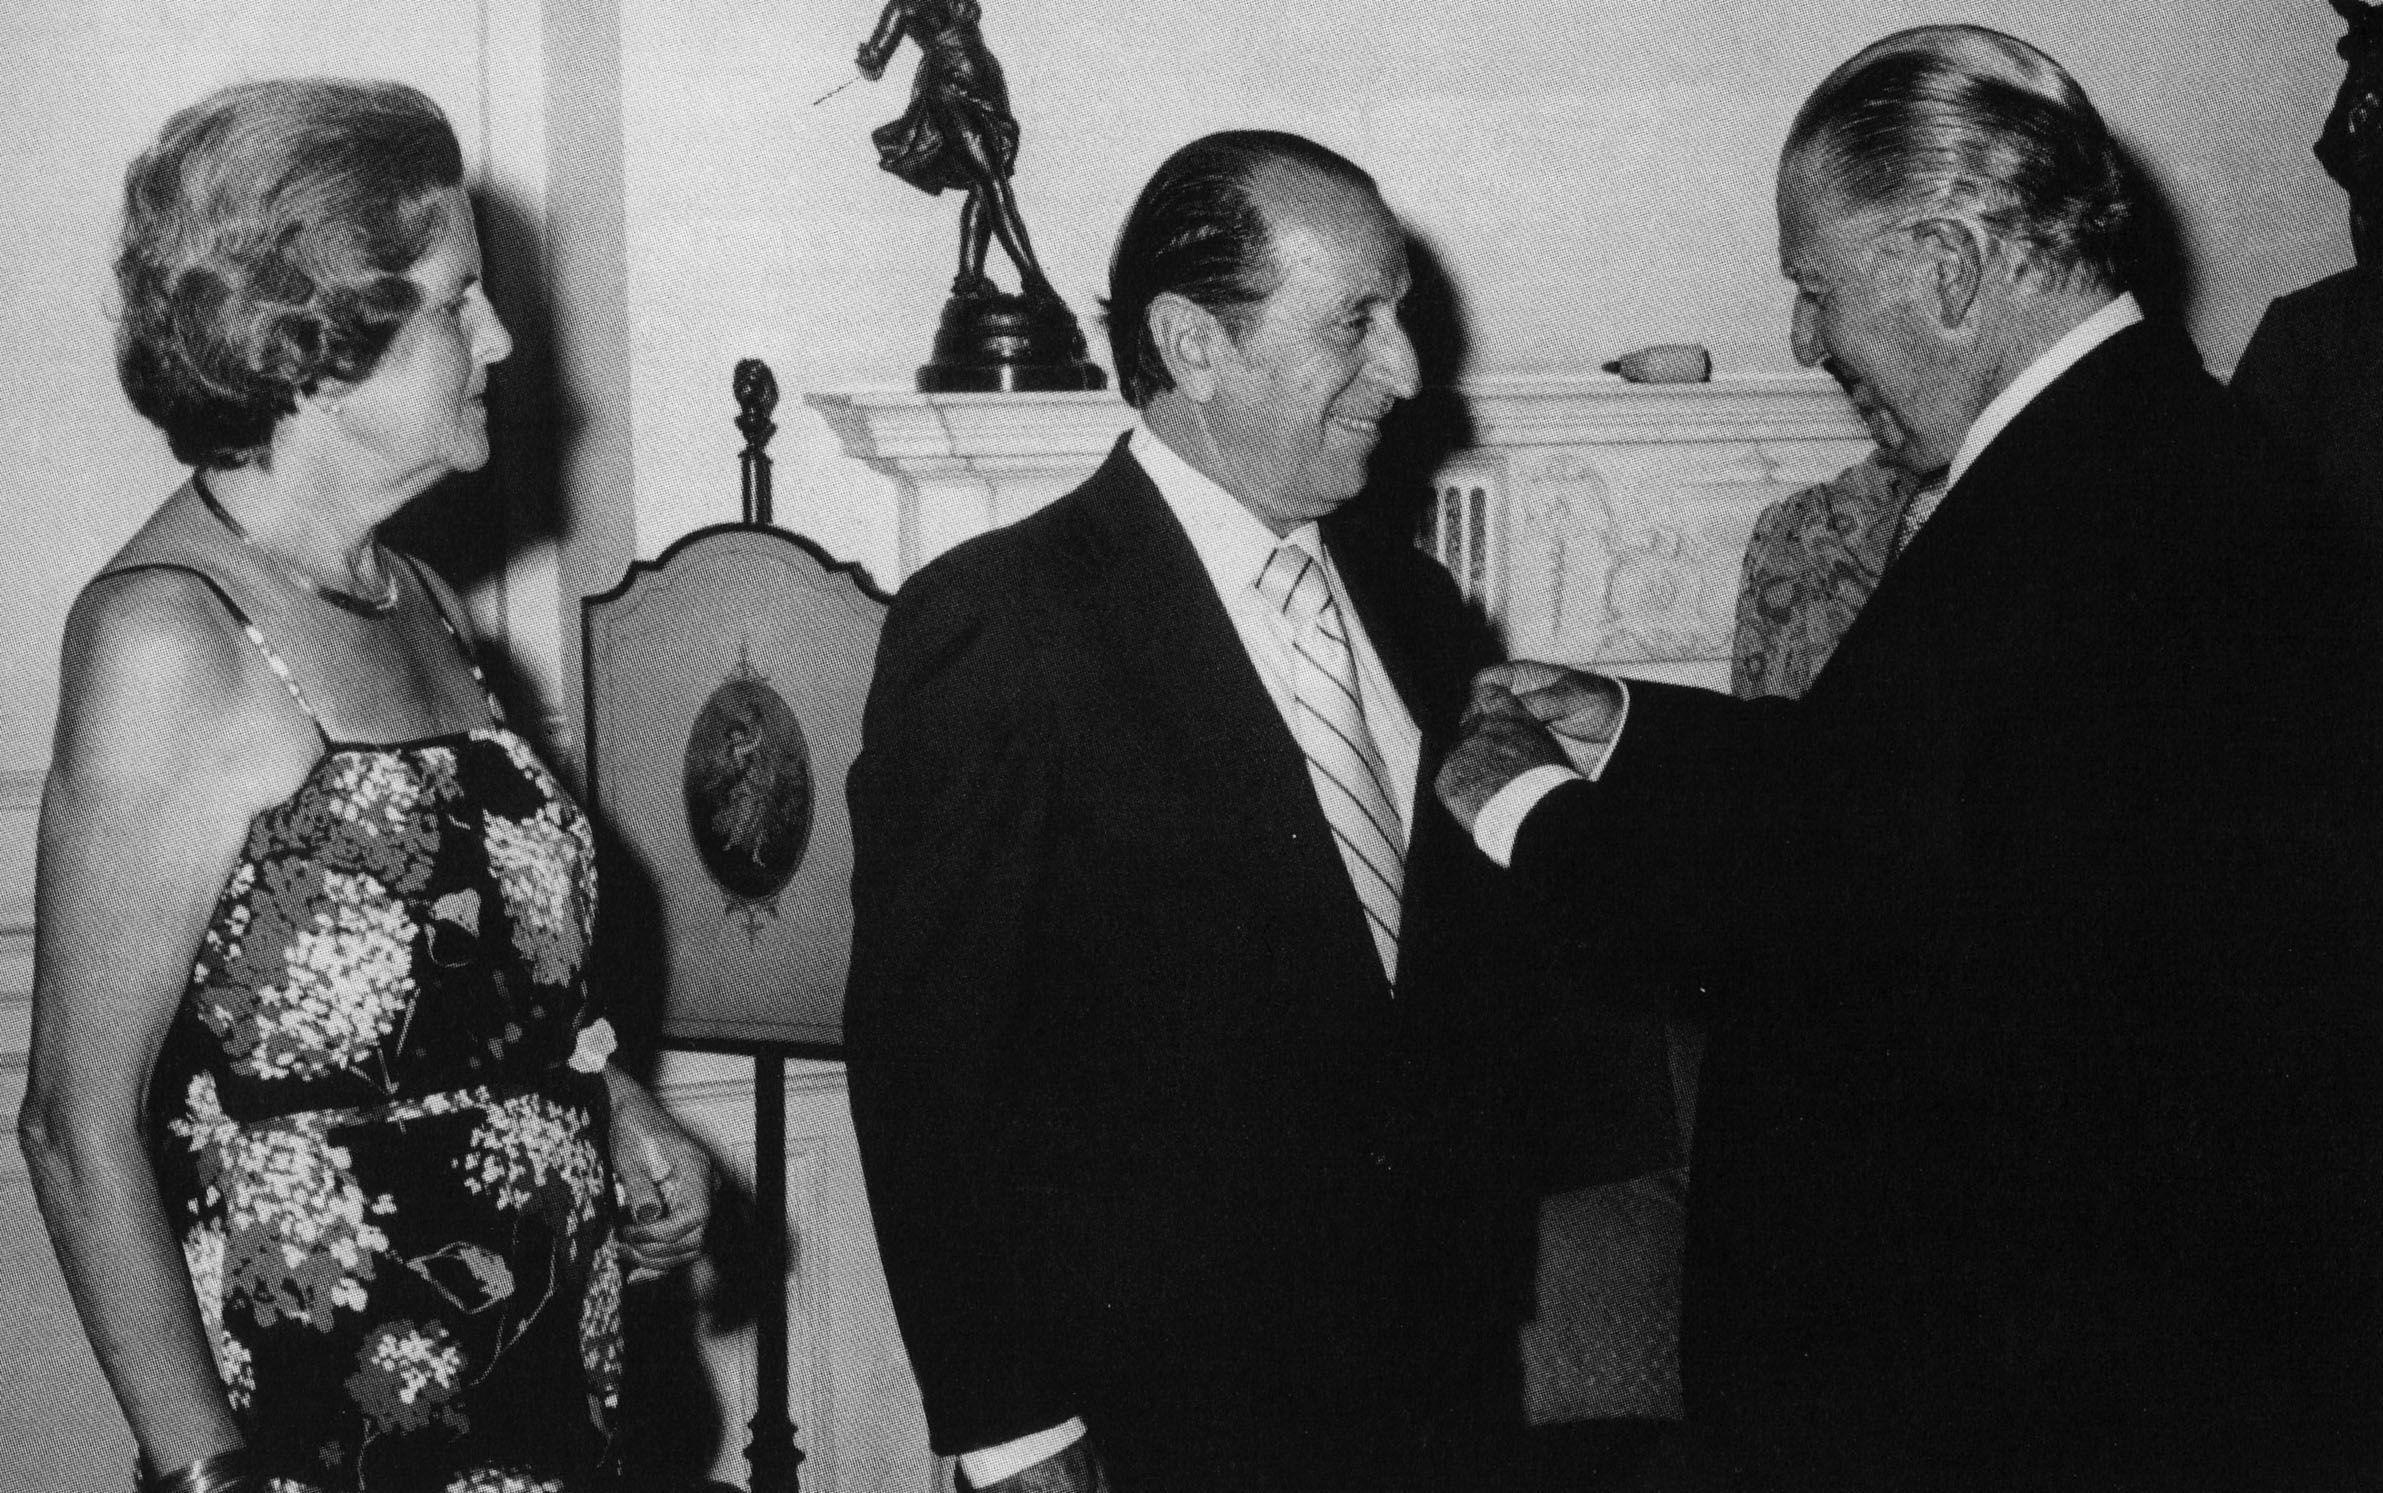 Alejandro Miró Quesada Garland es condecorado por el presidente Fernando Belaunde Terry. Crédito: Archivo El Comercio